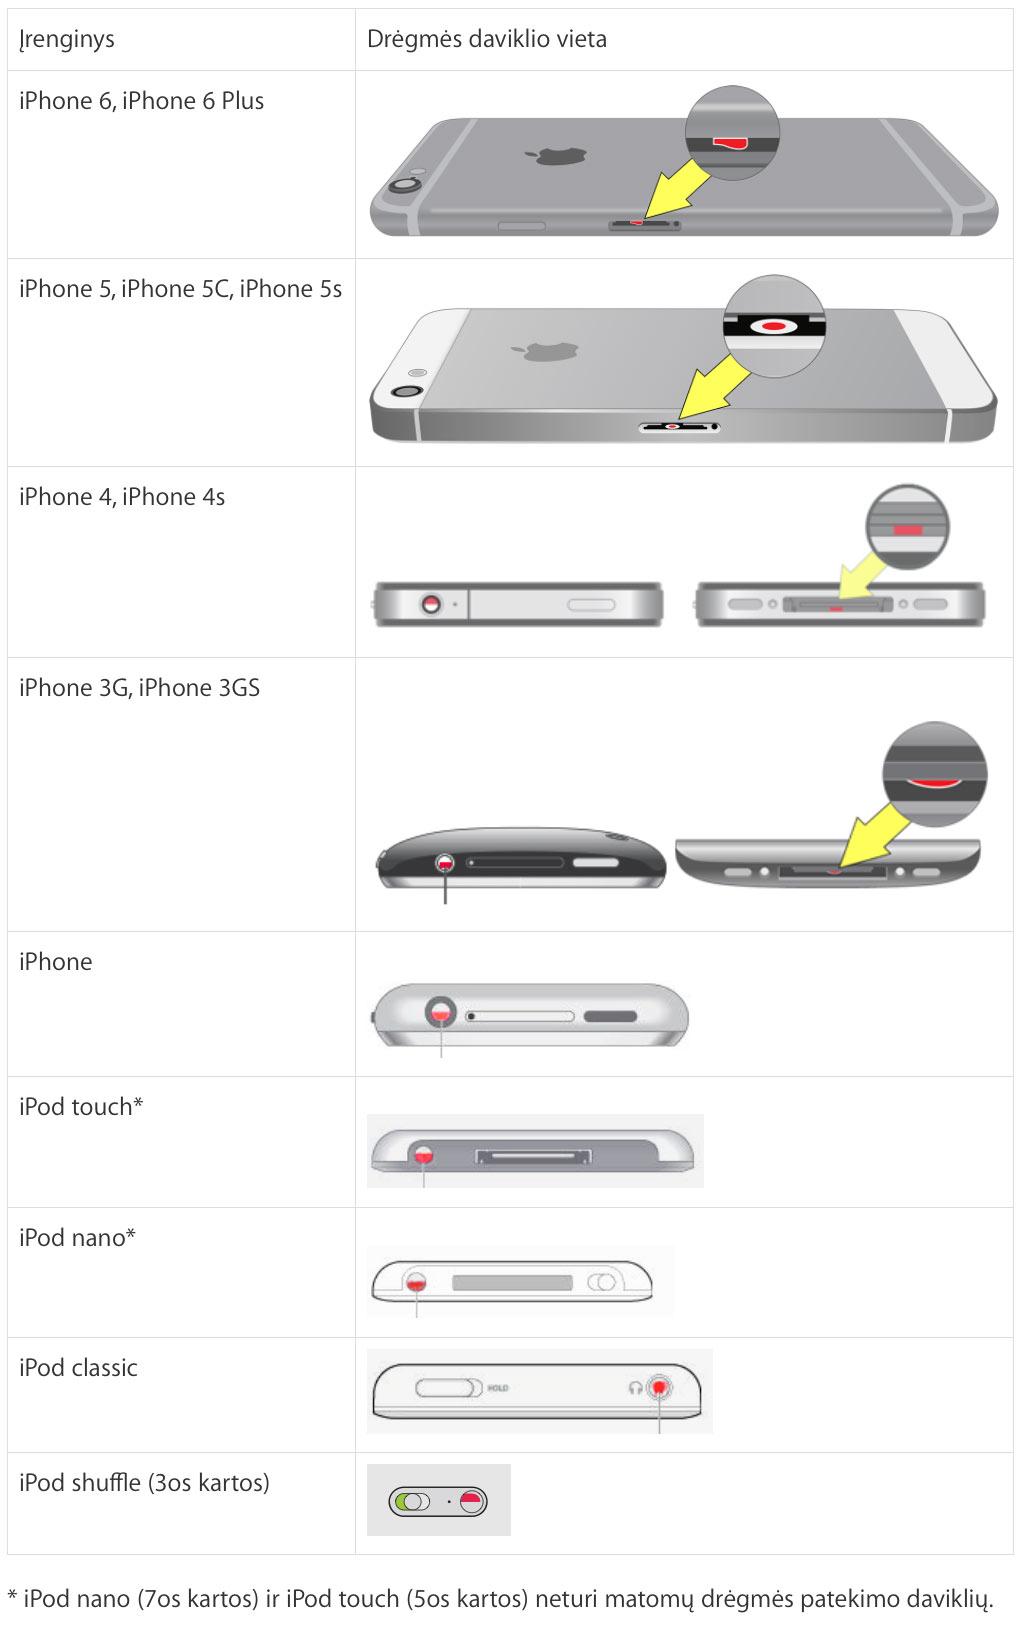 Matomų drėgmės patekimo daviklių vietos iOS įrenginiuose.